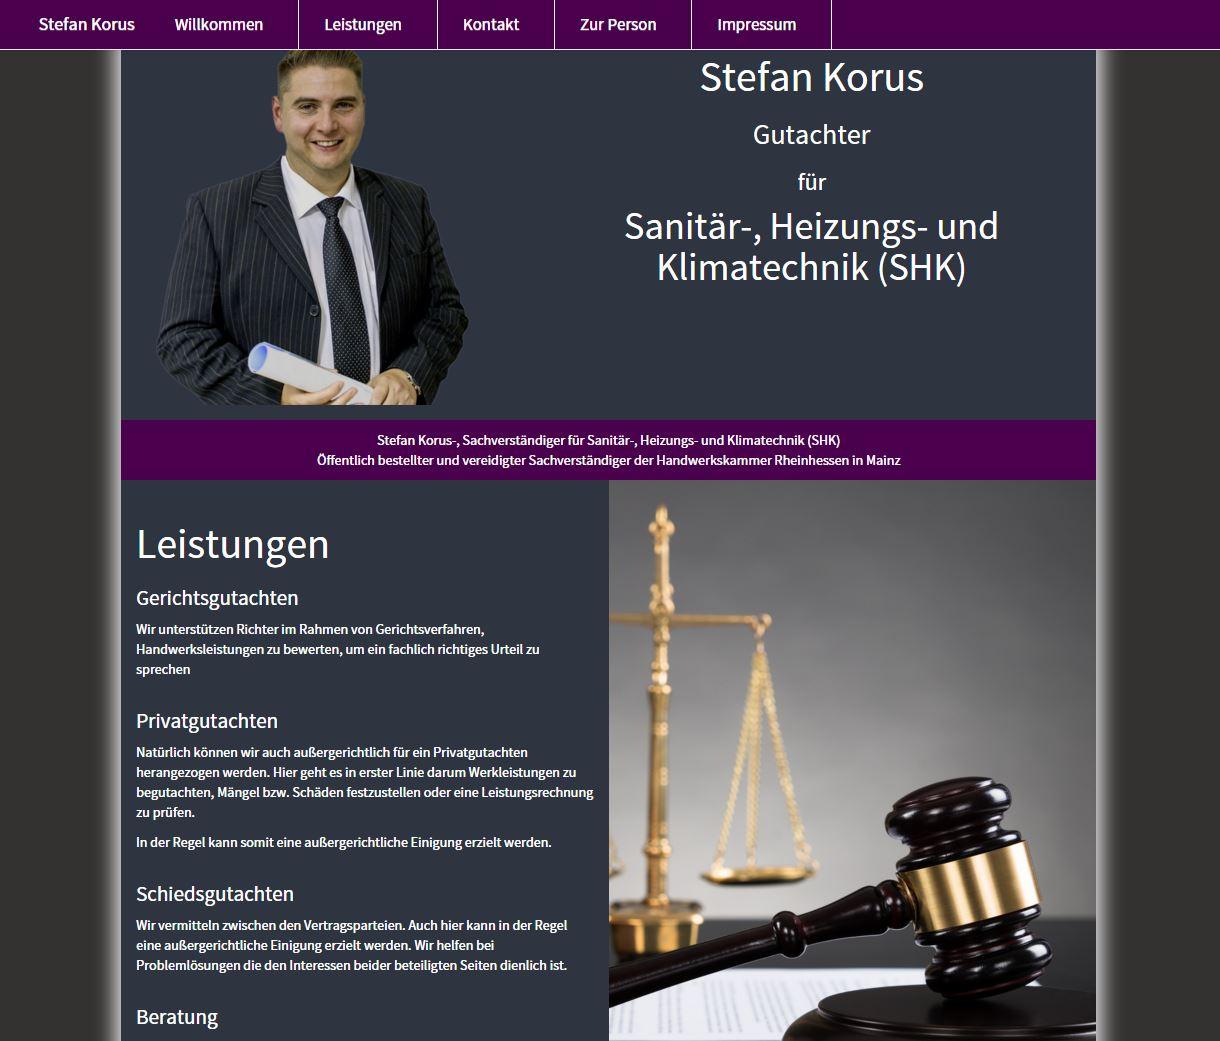 Stefan Korus SHK Gutachter